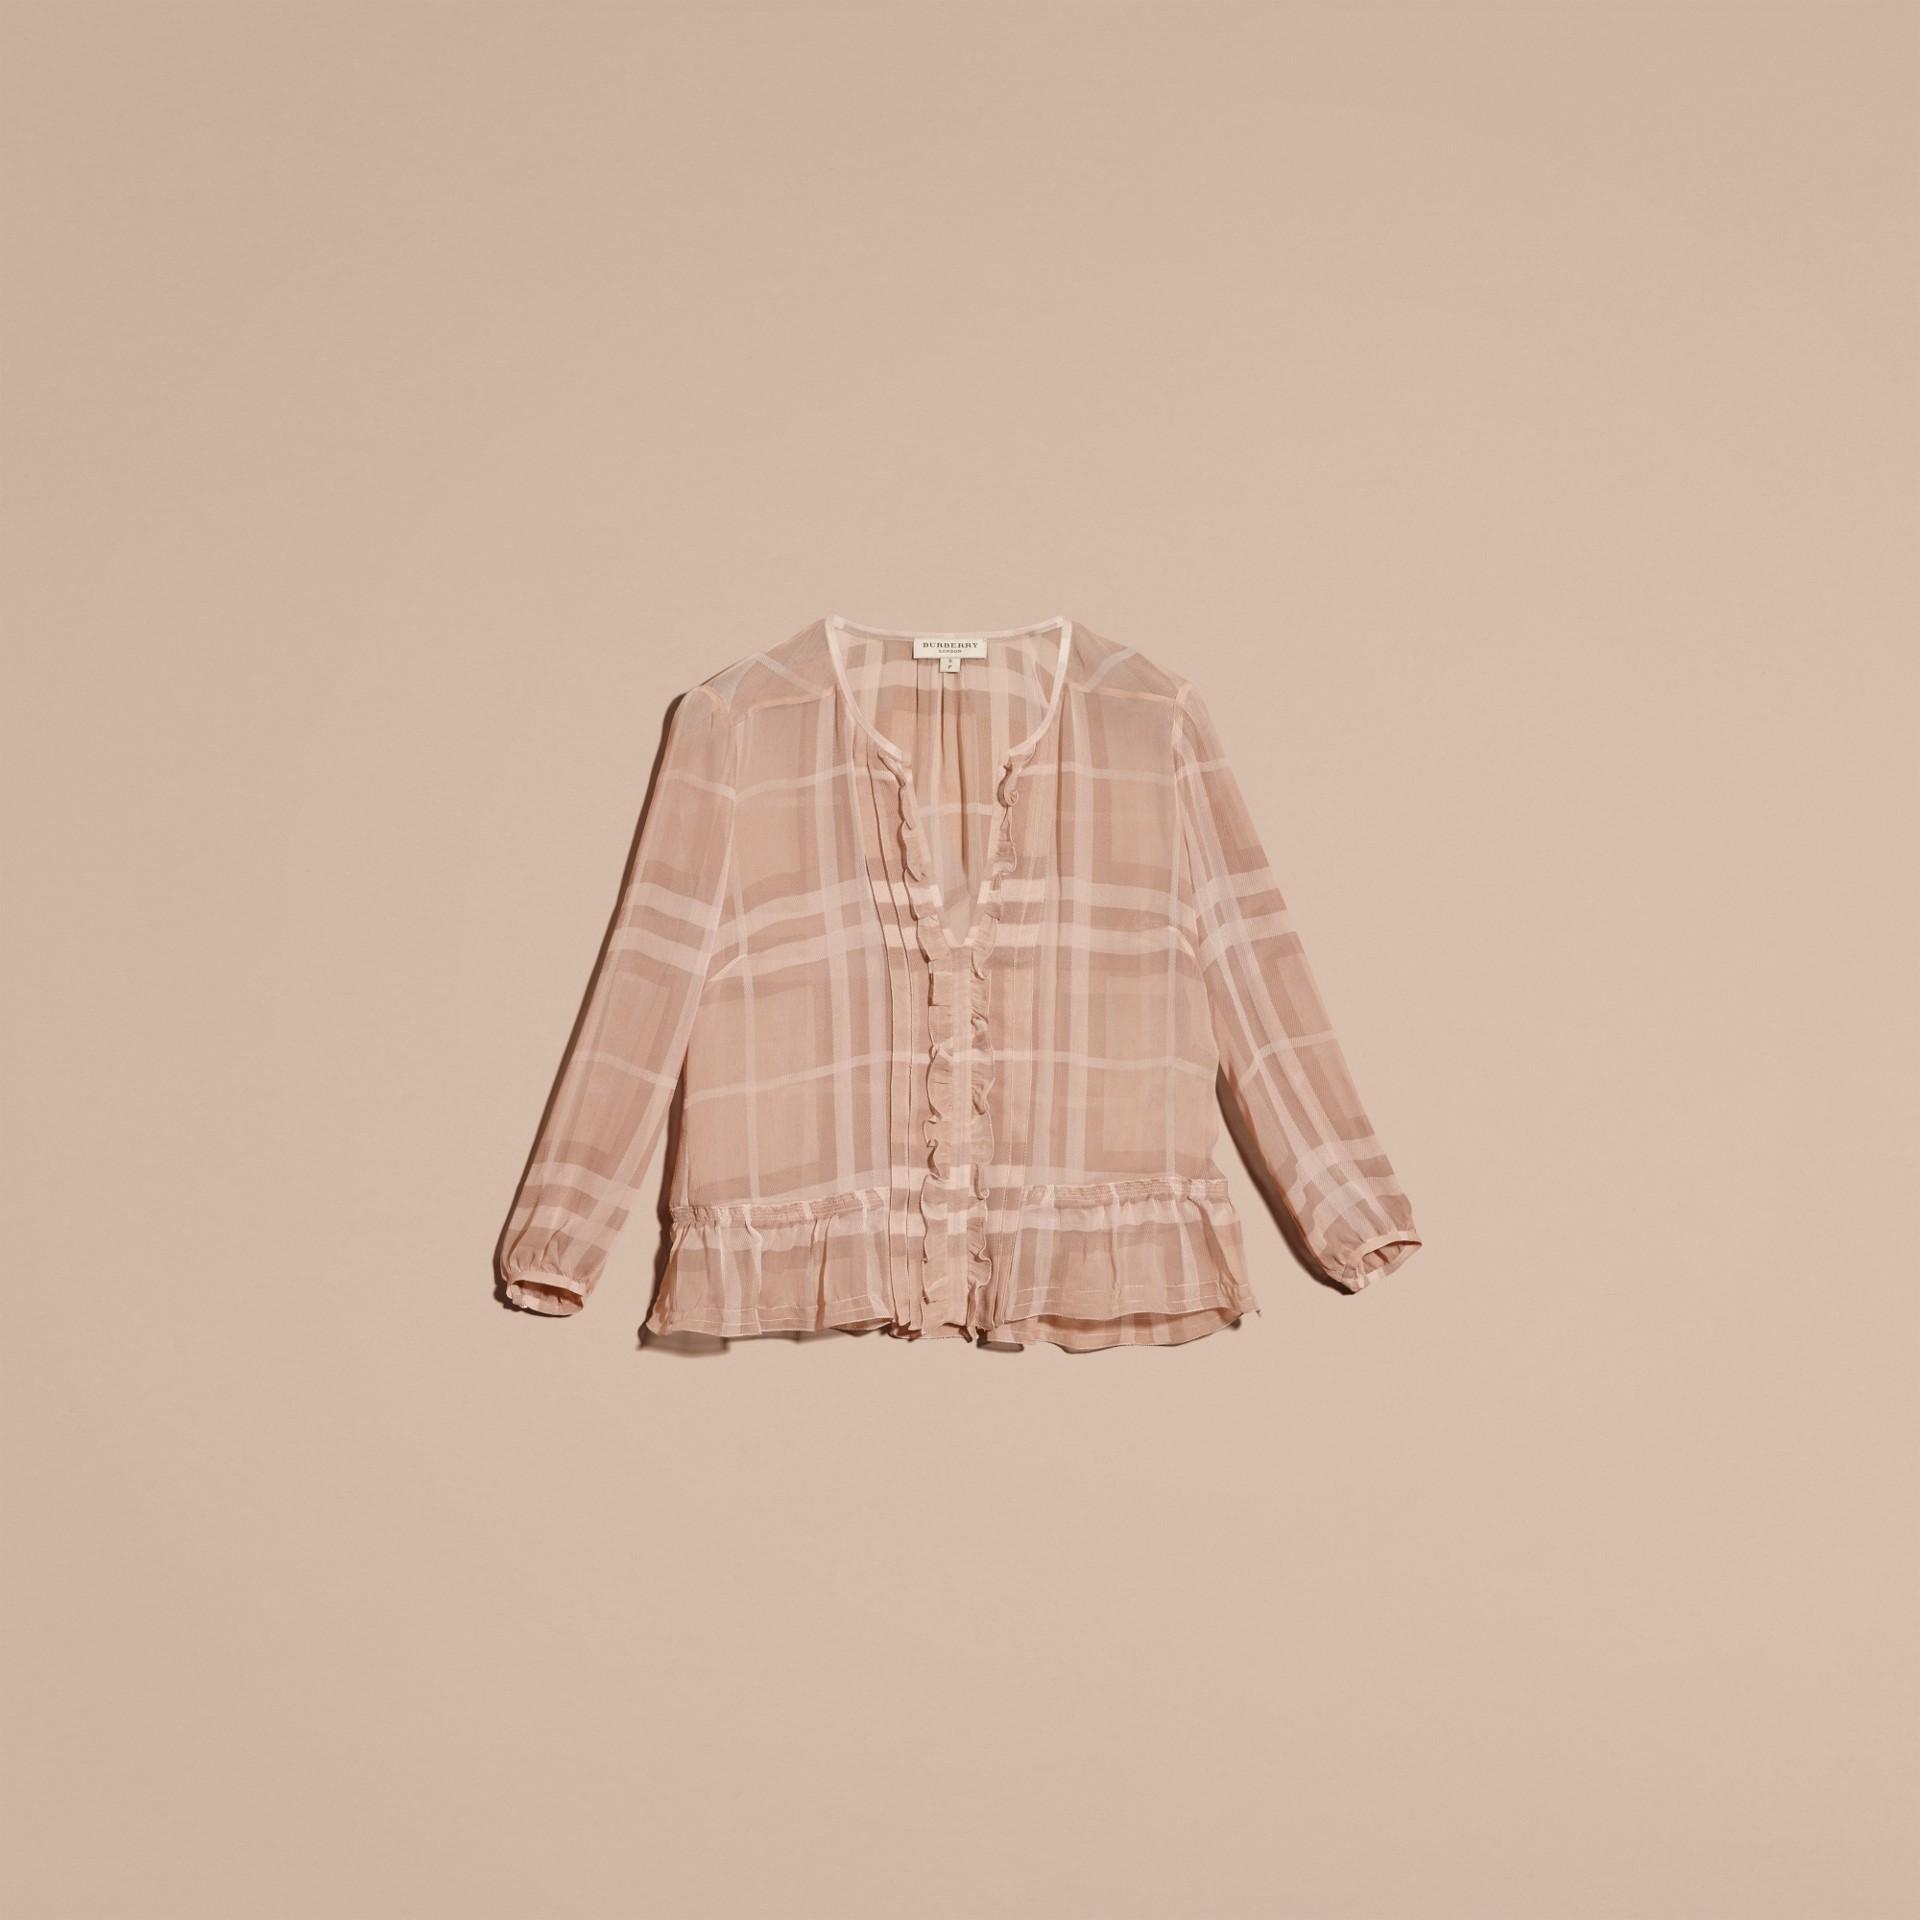 Nude Blusa de crepe de seda com estampa xadrez contrastante e detalhe franzido Nude - galeria de imagens 4